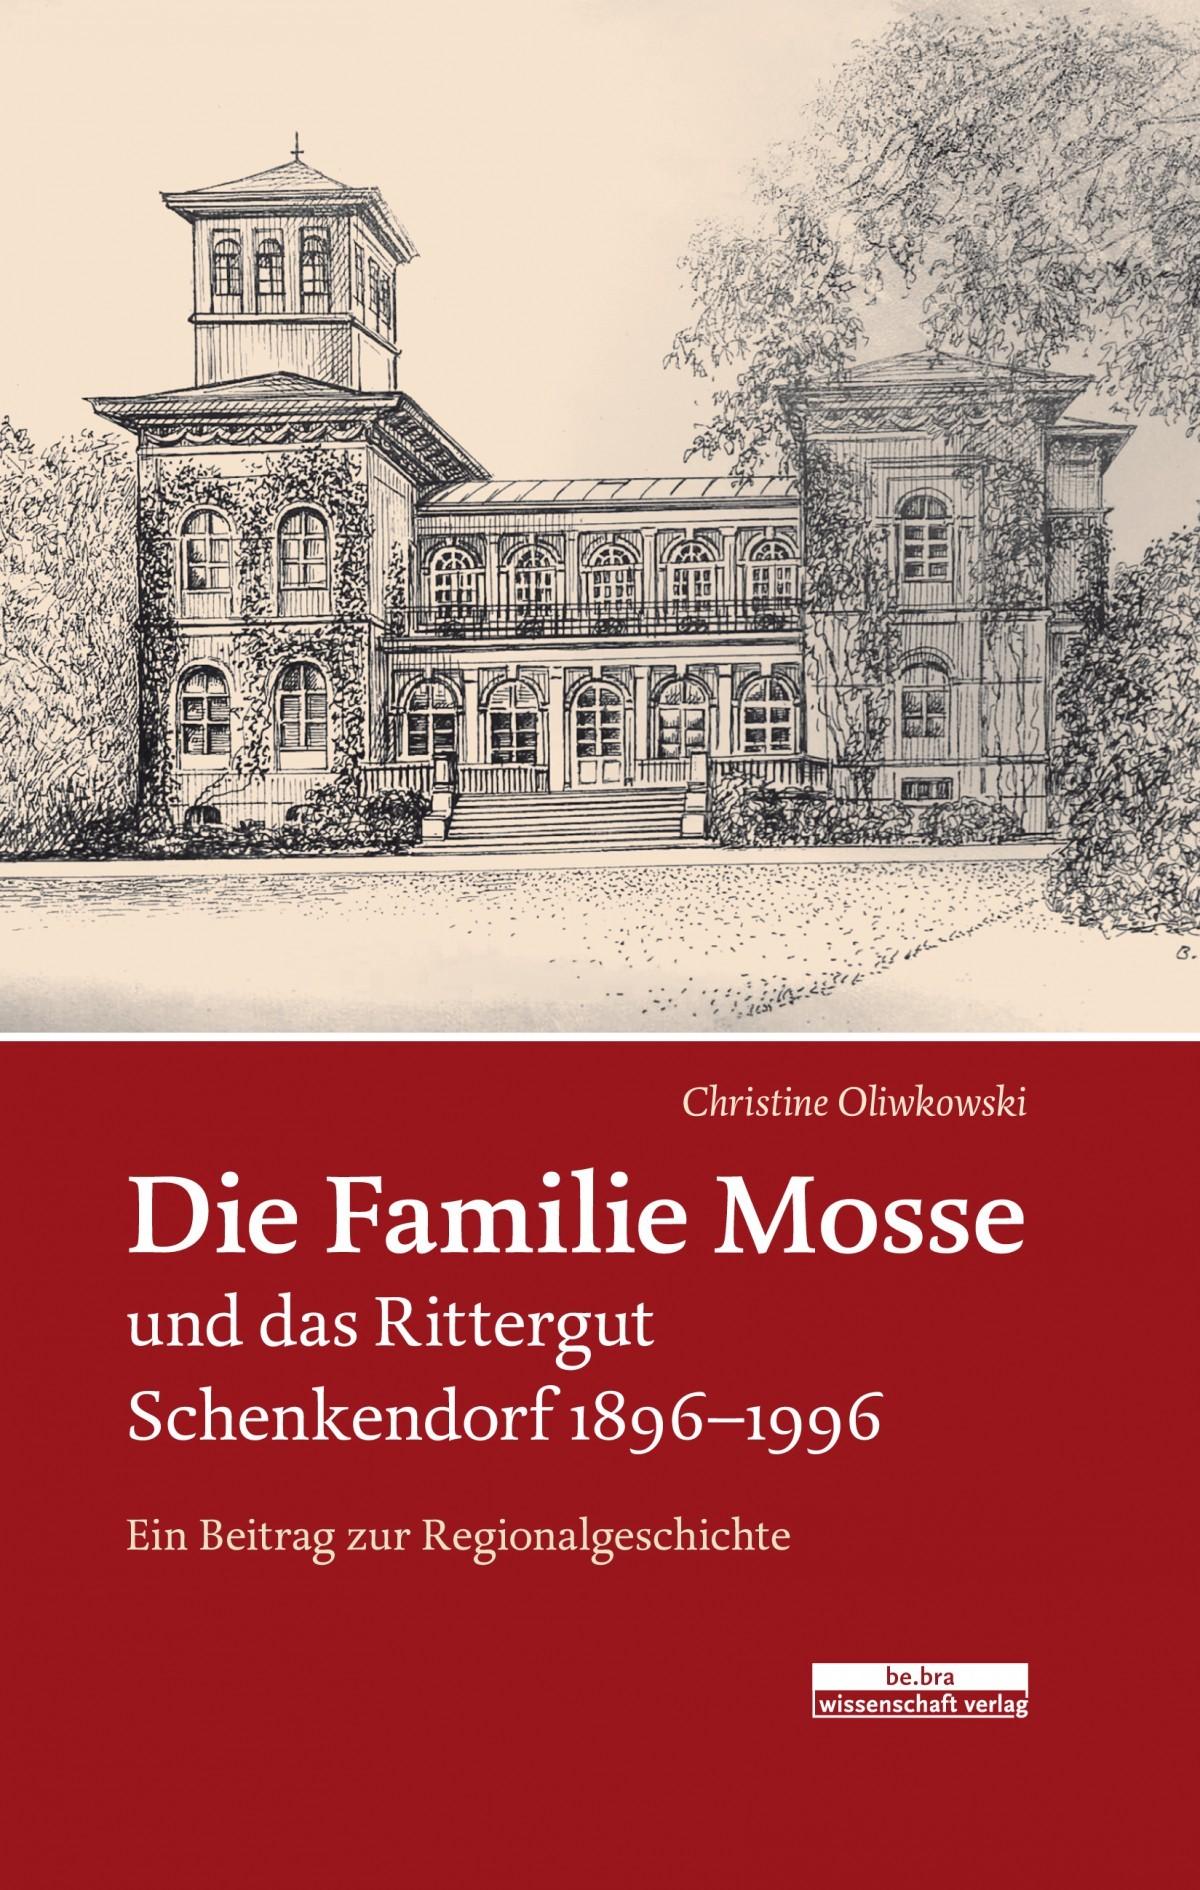 Abbildung von Oliwkowski | Die Familie Mosse und das Rittergut Schenkendorf 1896-1996 | 2017